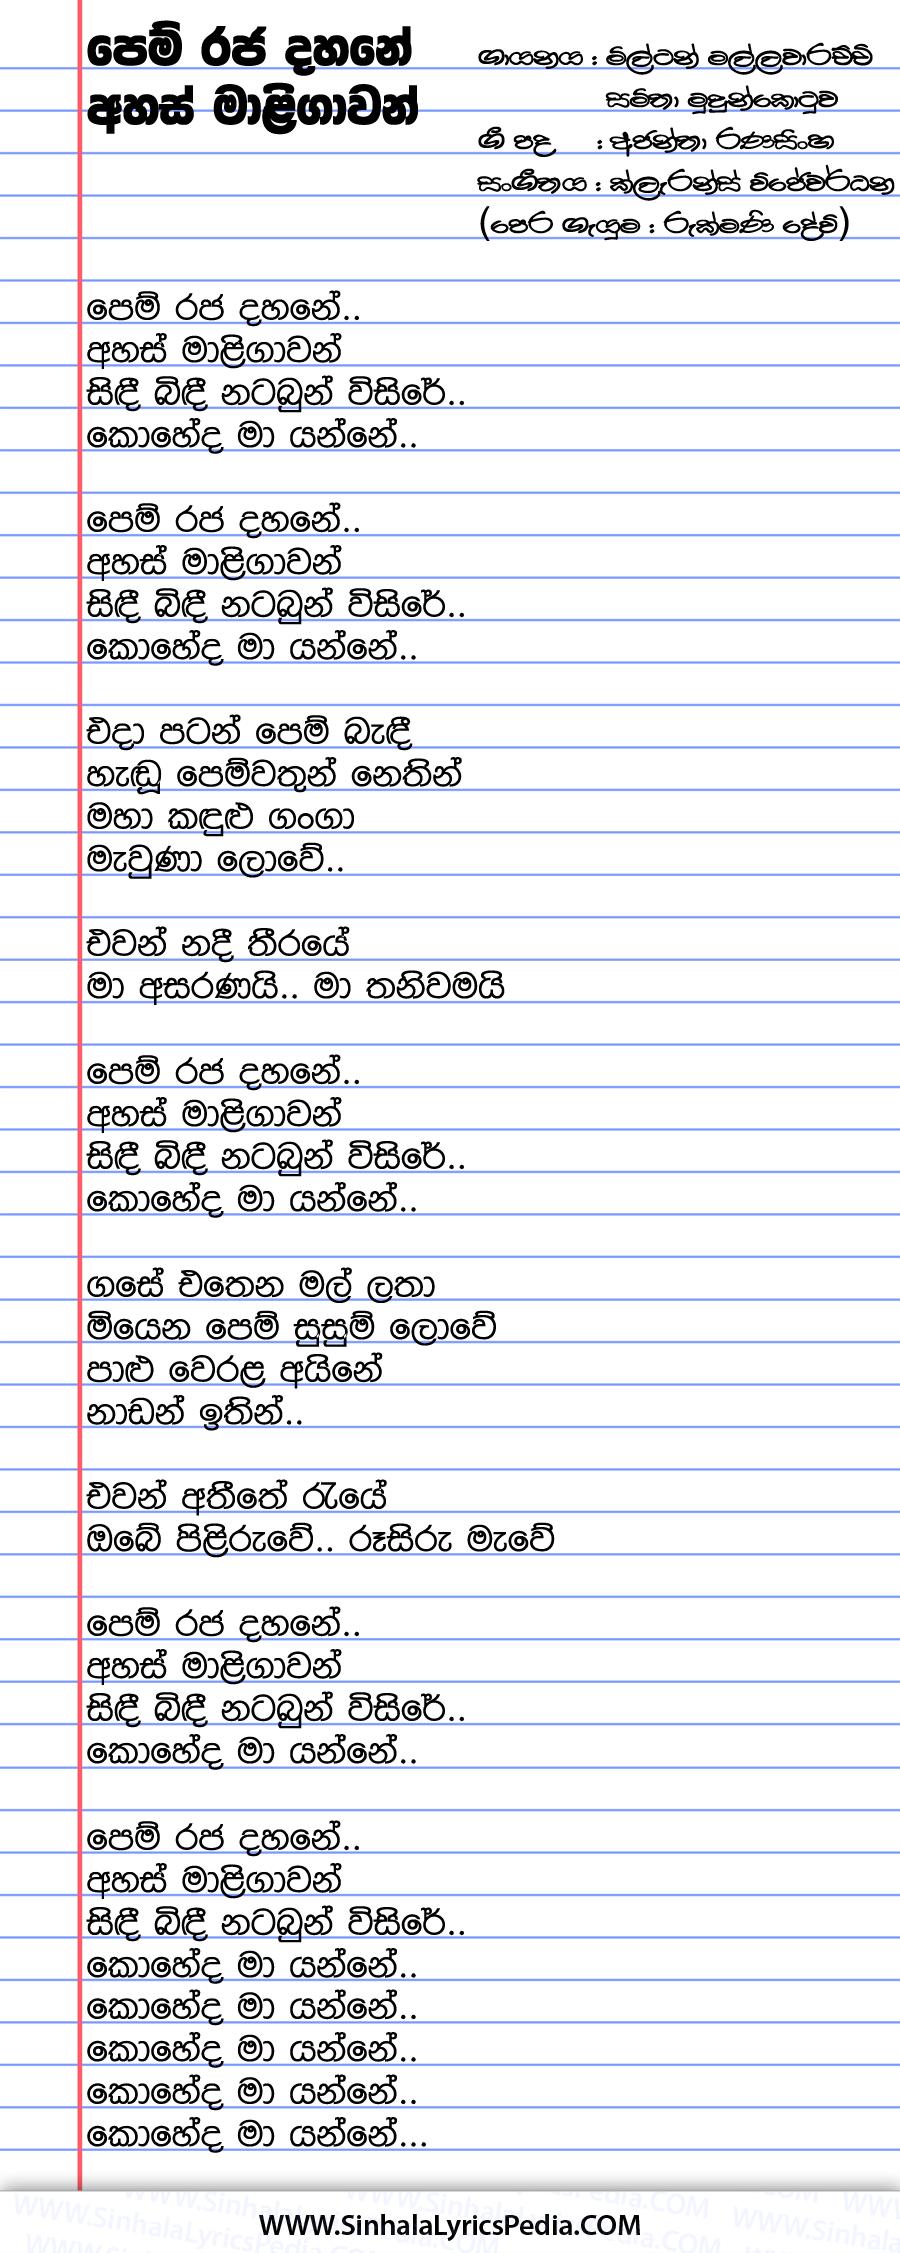 Pem Raja Dahane Ahas Maligawan Song Lyrics